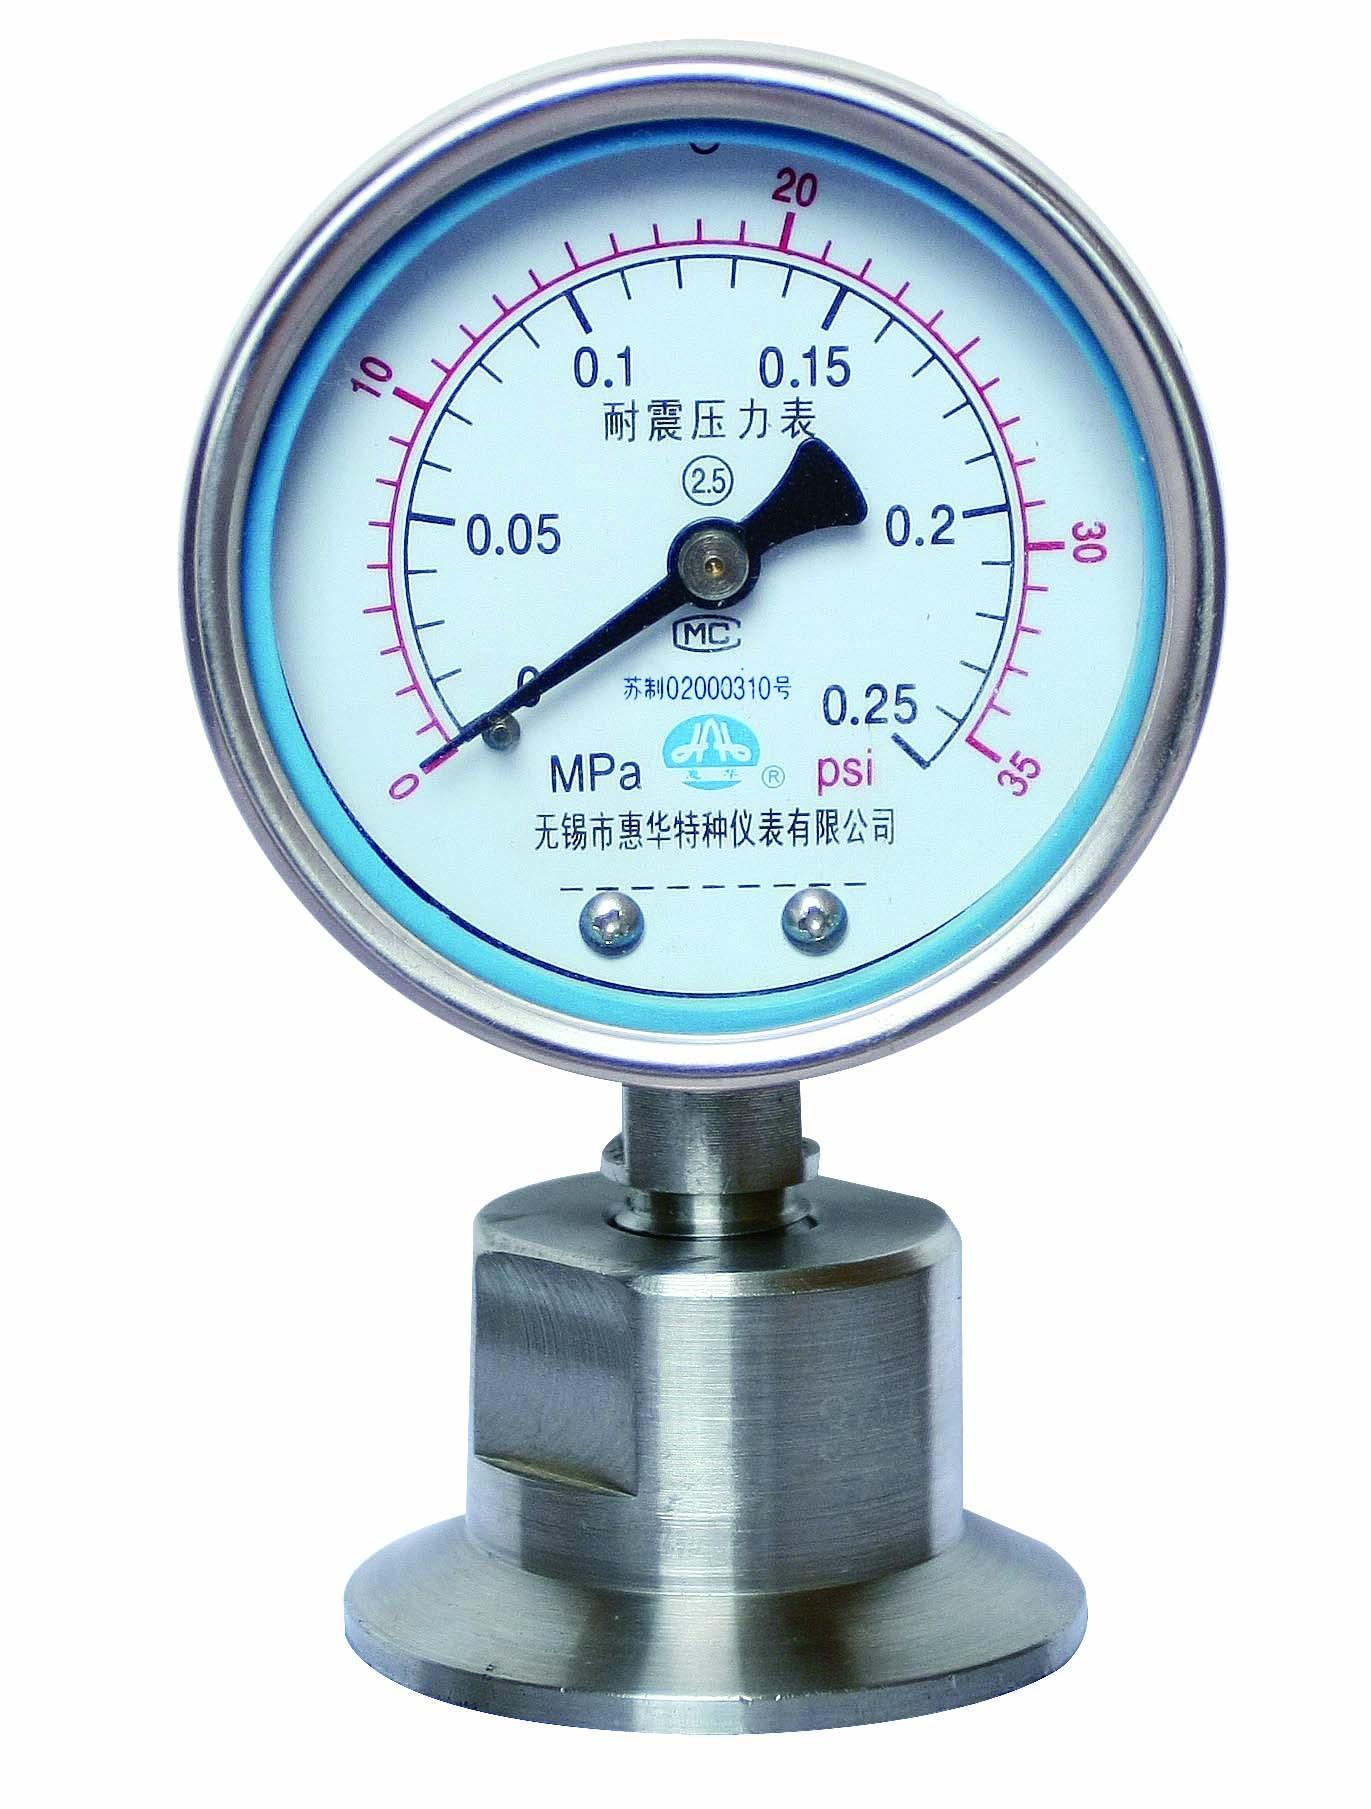 衛生型隔膜壓力表 卡箍式/螺母式/矩形法蘭式隔膜壓力表 1